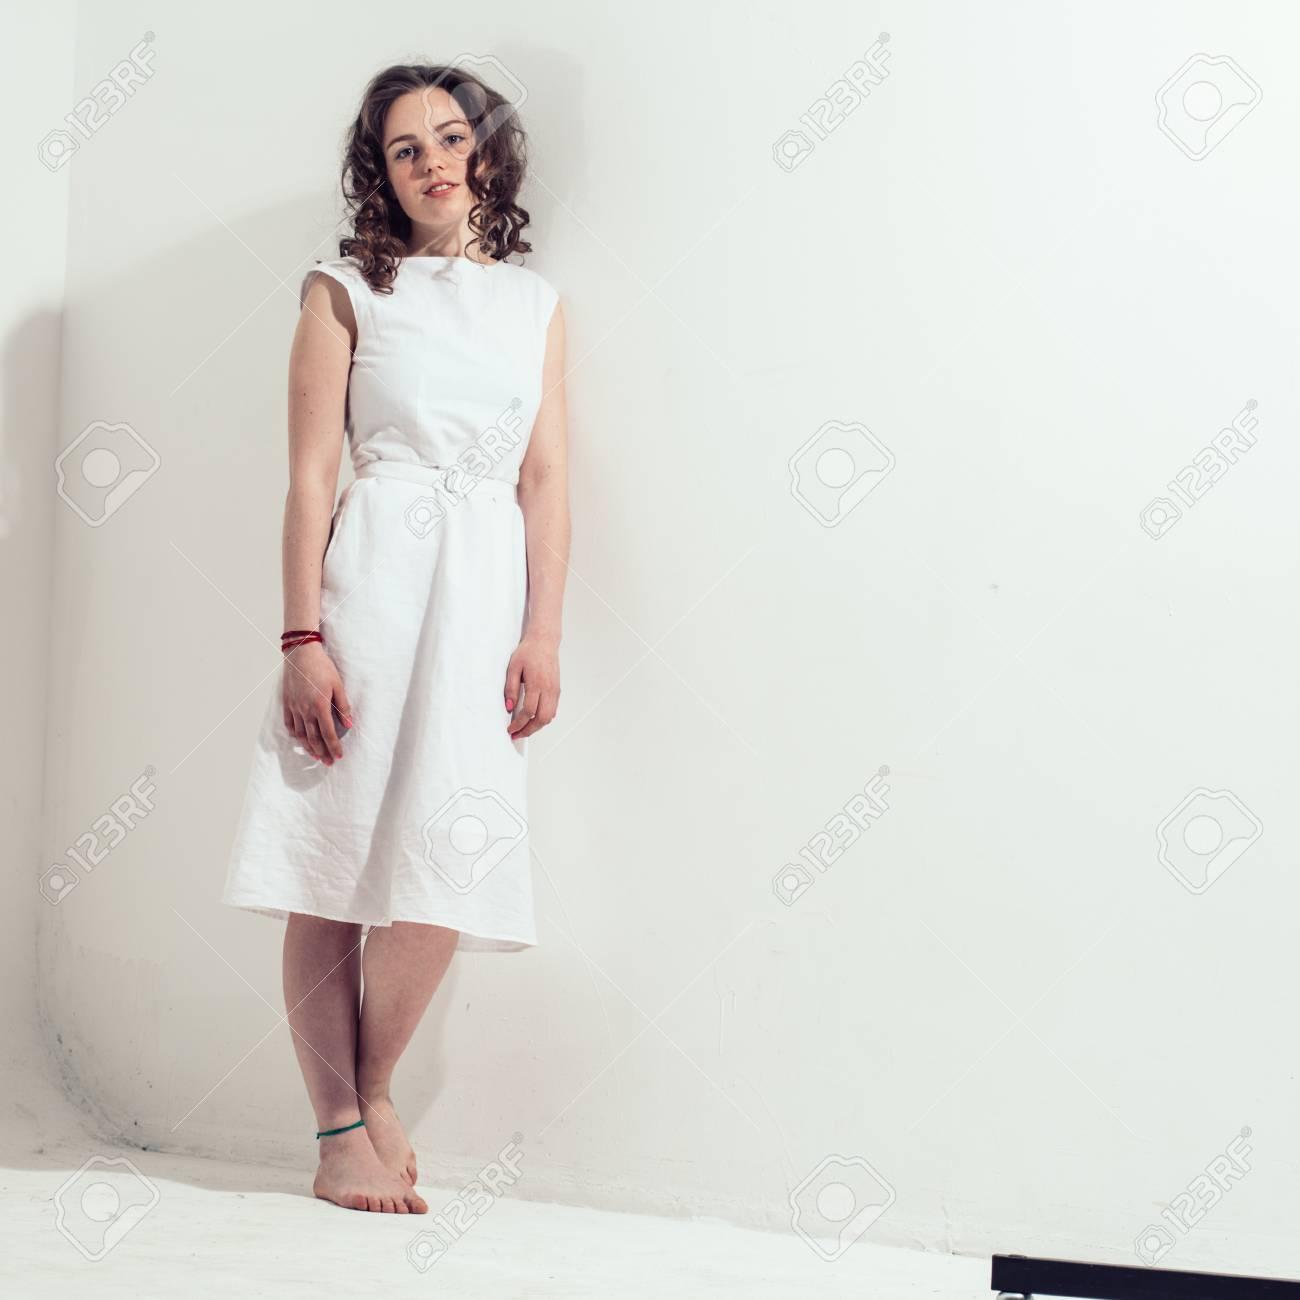 0eae1adad07 Banque d images - Portrait de robe blanche belle fille cheveux bouclés.  Studio tourné Fond gris